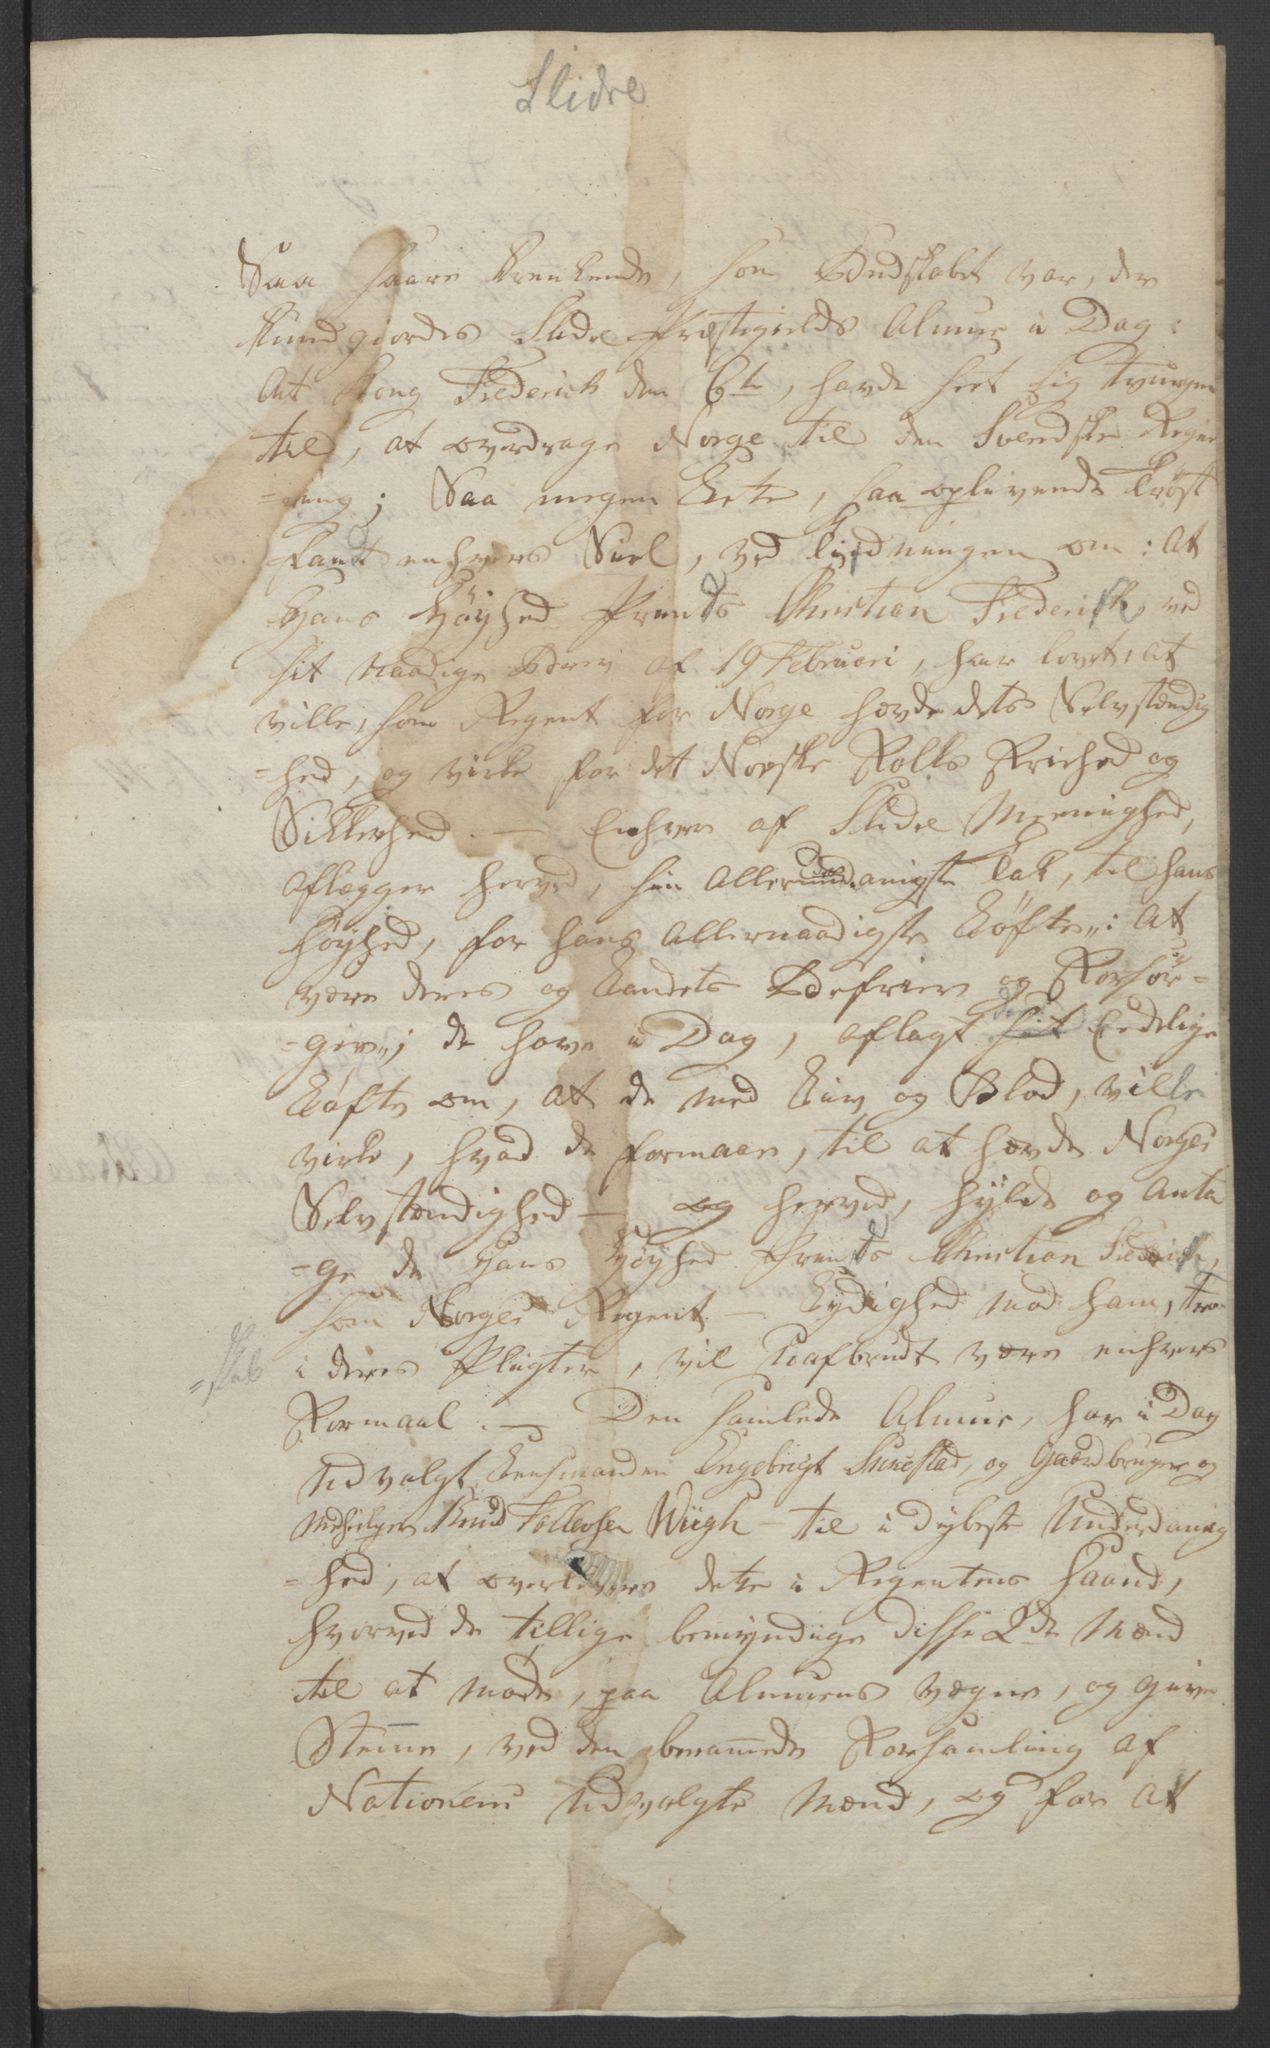 RA, Statsrådssekretariatet, D/Db/L0007: Fullmakter for Eidsvollsrepresentantene i 1814. , 1814, s. 281